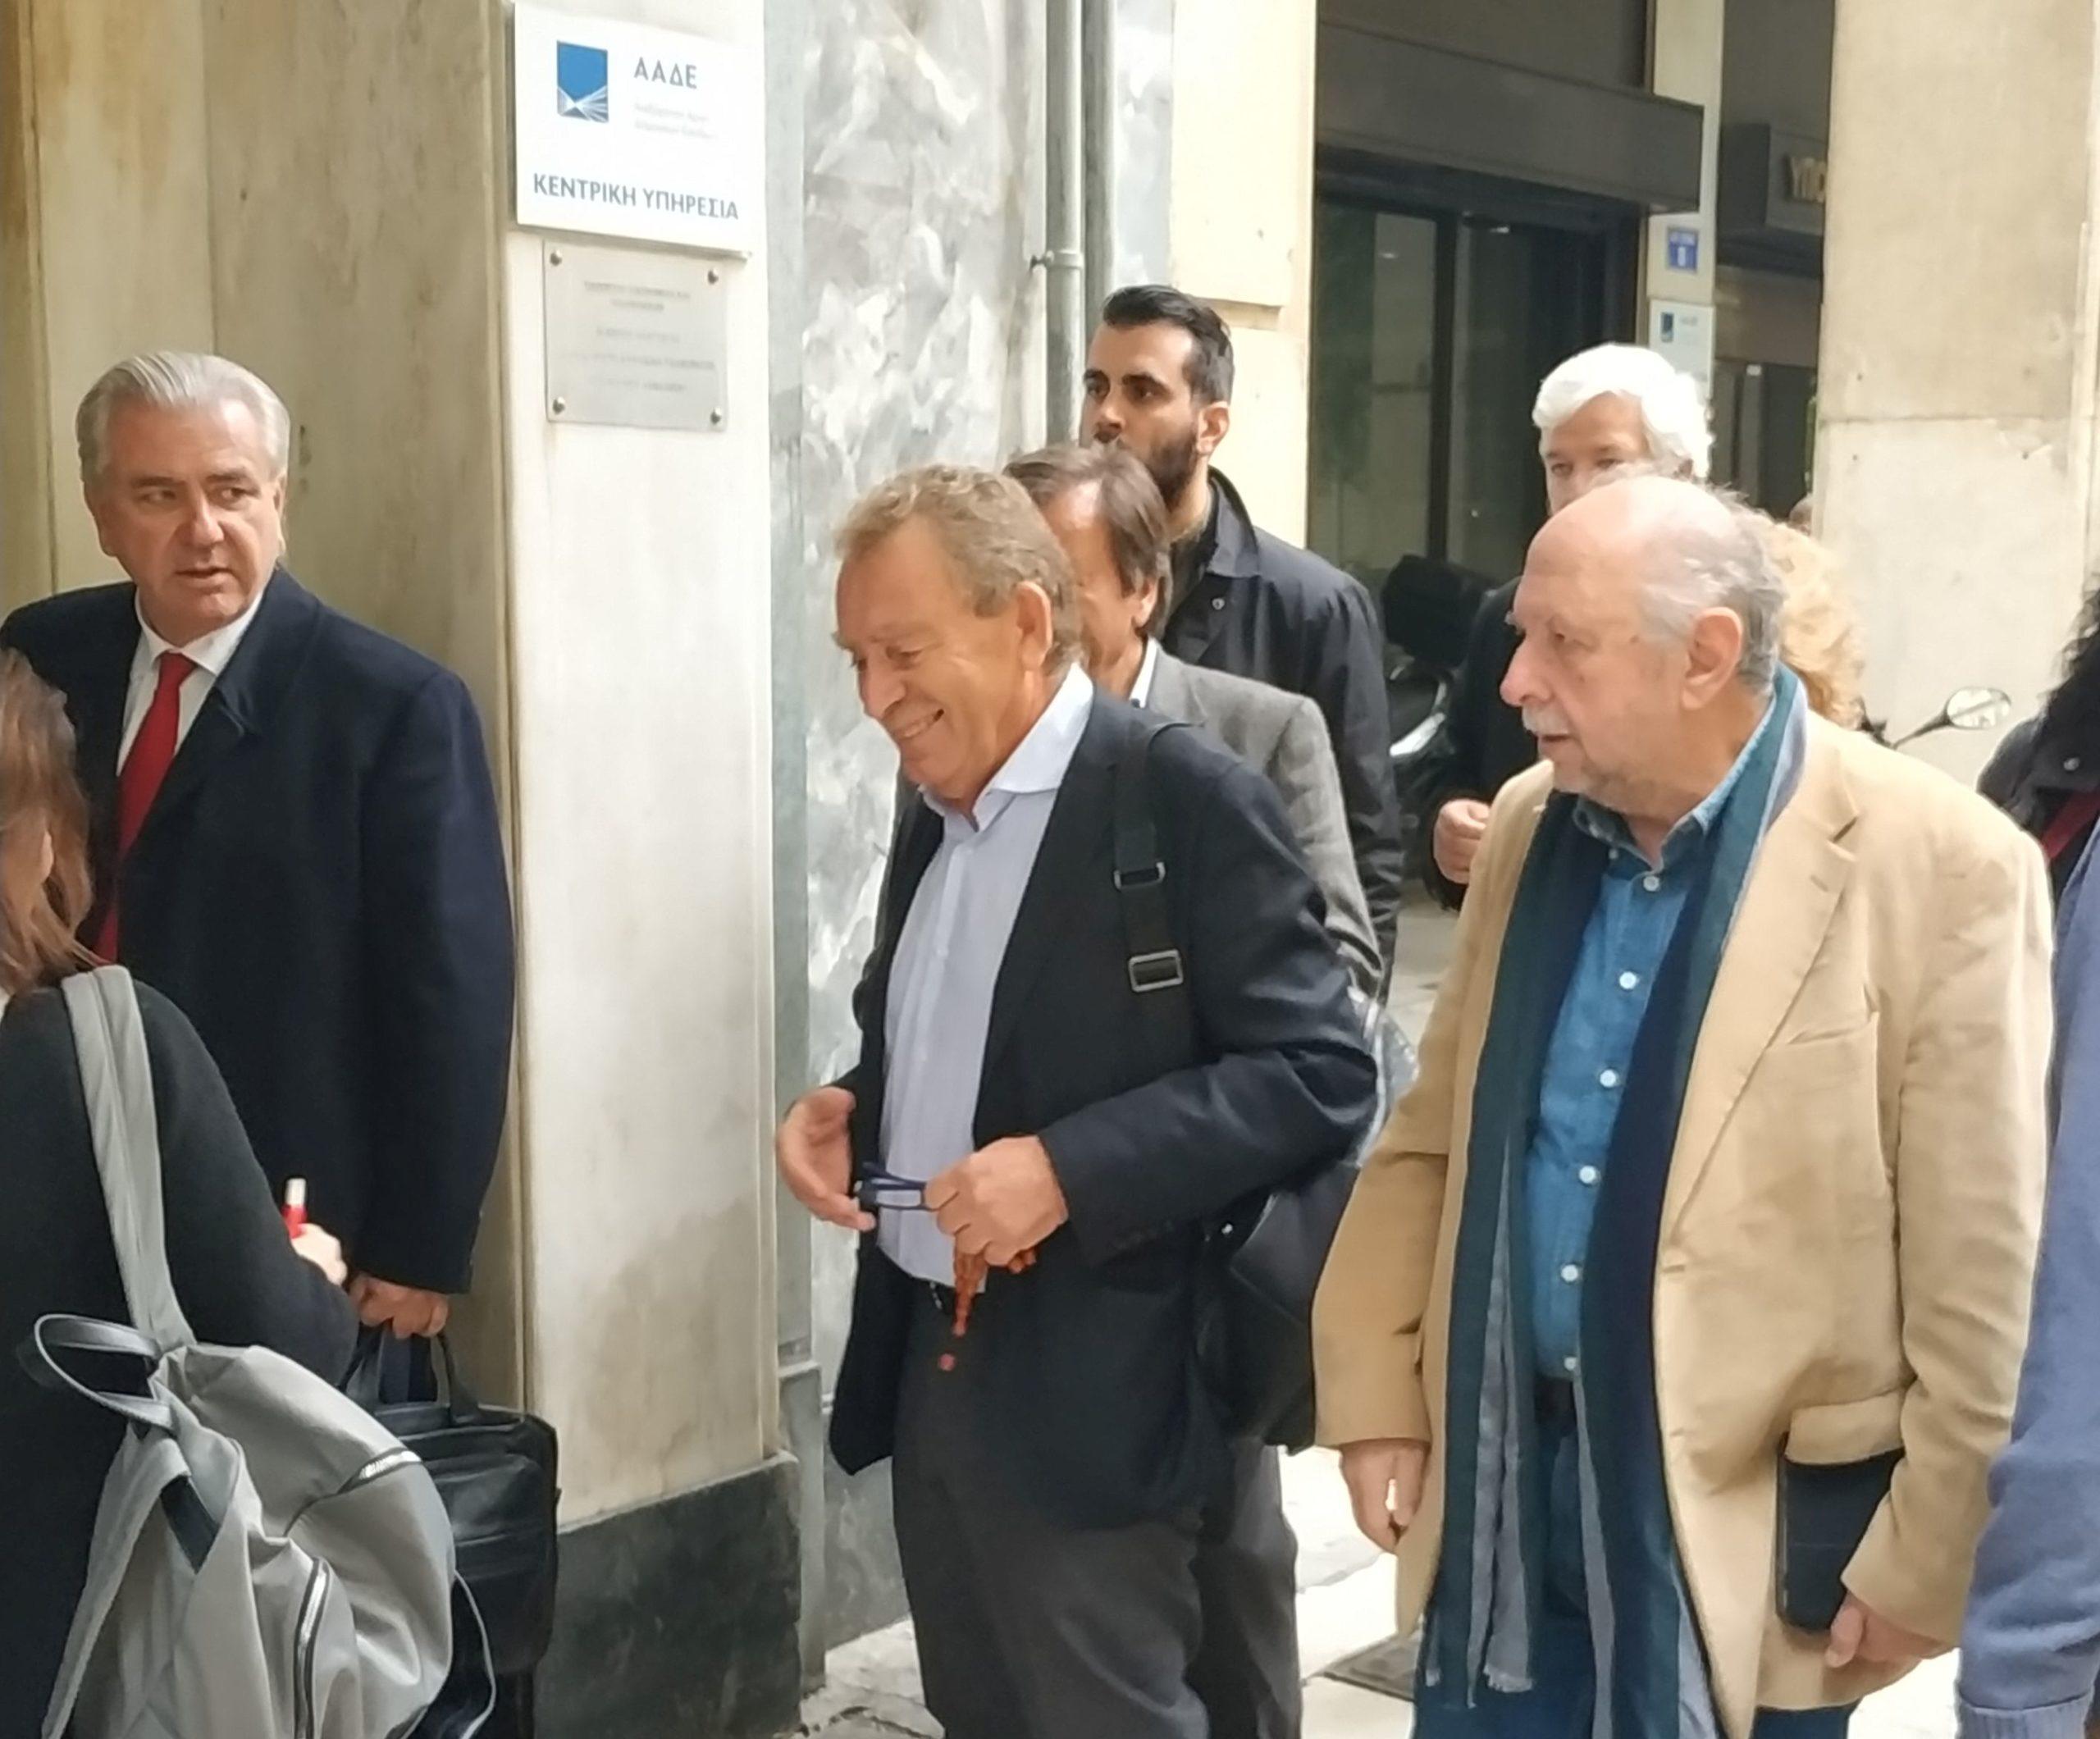 """Δήλωση του Πάνου Σκουρολιάκου, για την """"δυσκολία"""" του υφ. Οικονομικών Απ. Βεσυρόπουλου να δεχθεί τους Δημάρχους Λαυρεωτικής και Σαρωνικού"""